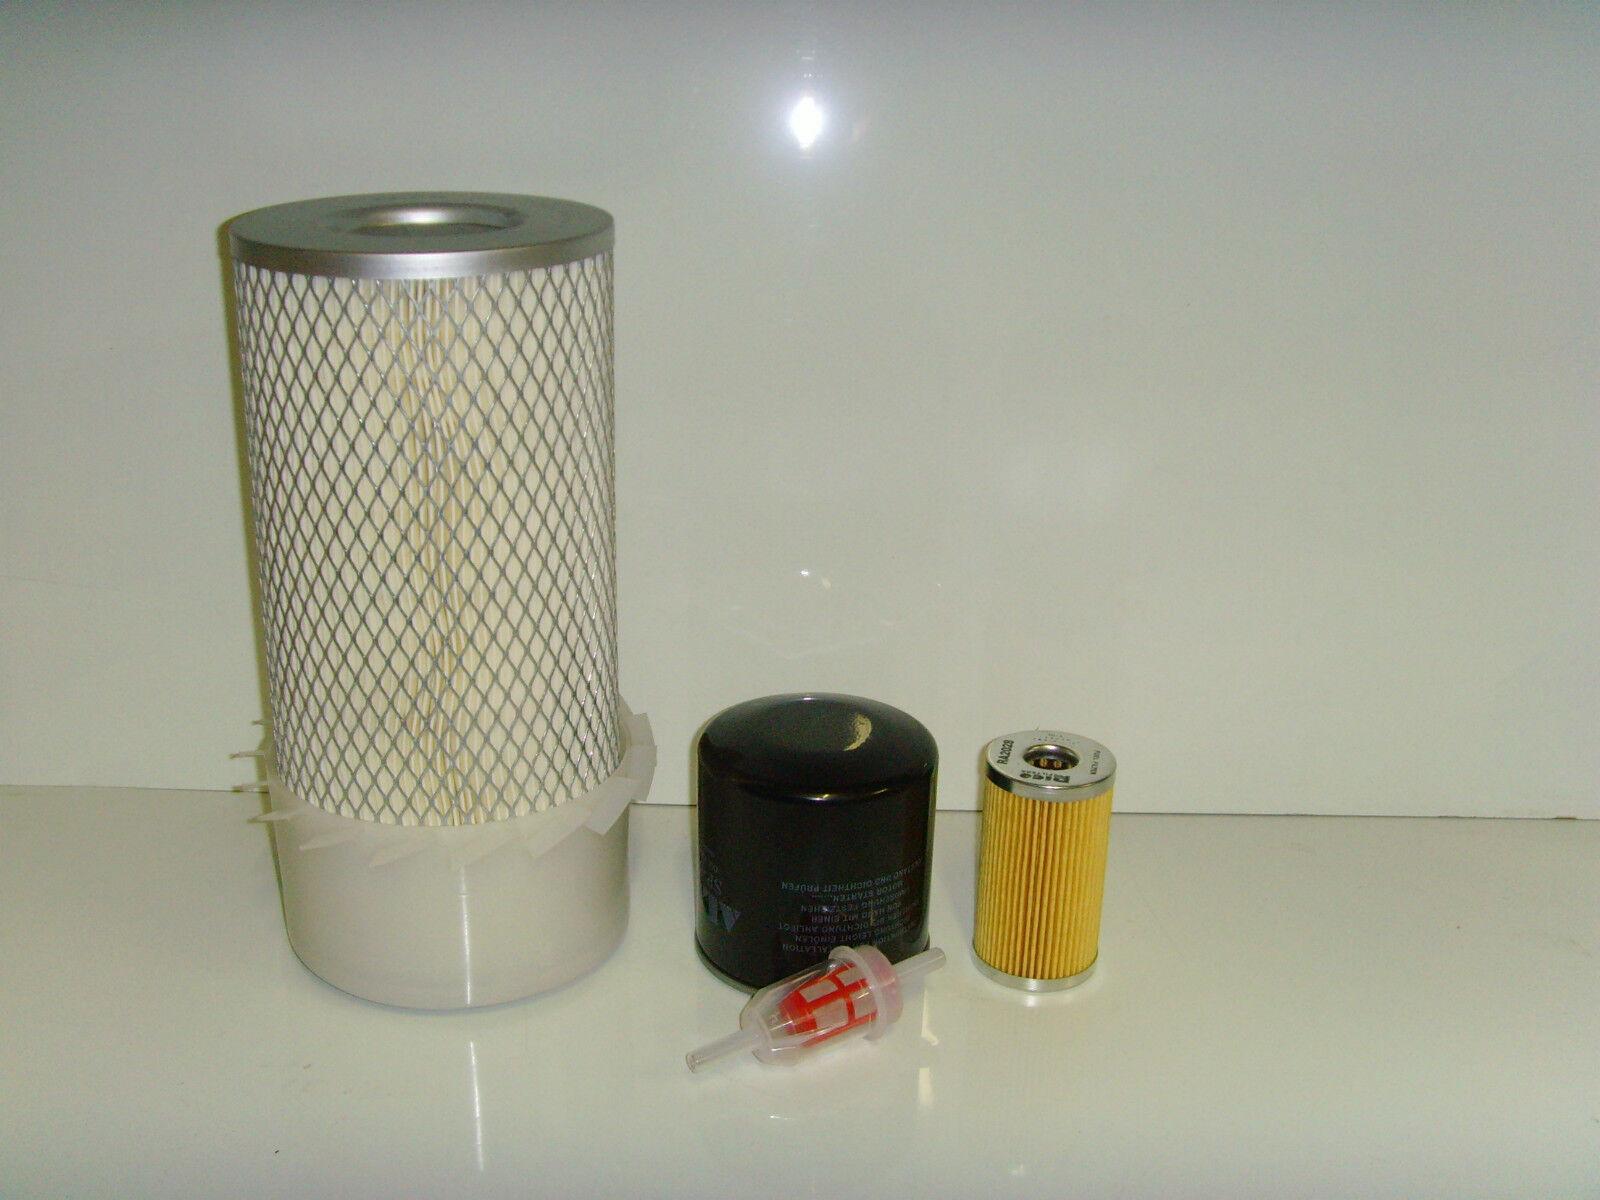 schaeffer 4048s filter service kit w kubota v2203 eng. Black Bedroom Furniture Sets. Home Design Ideas